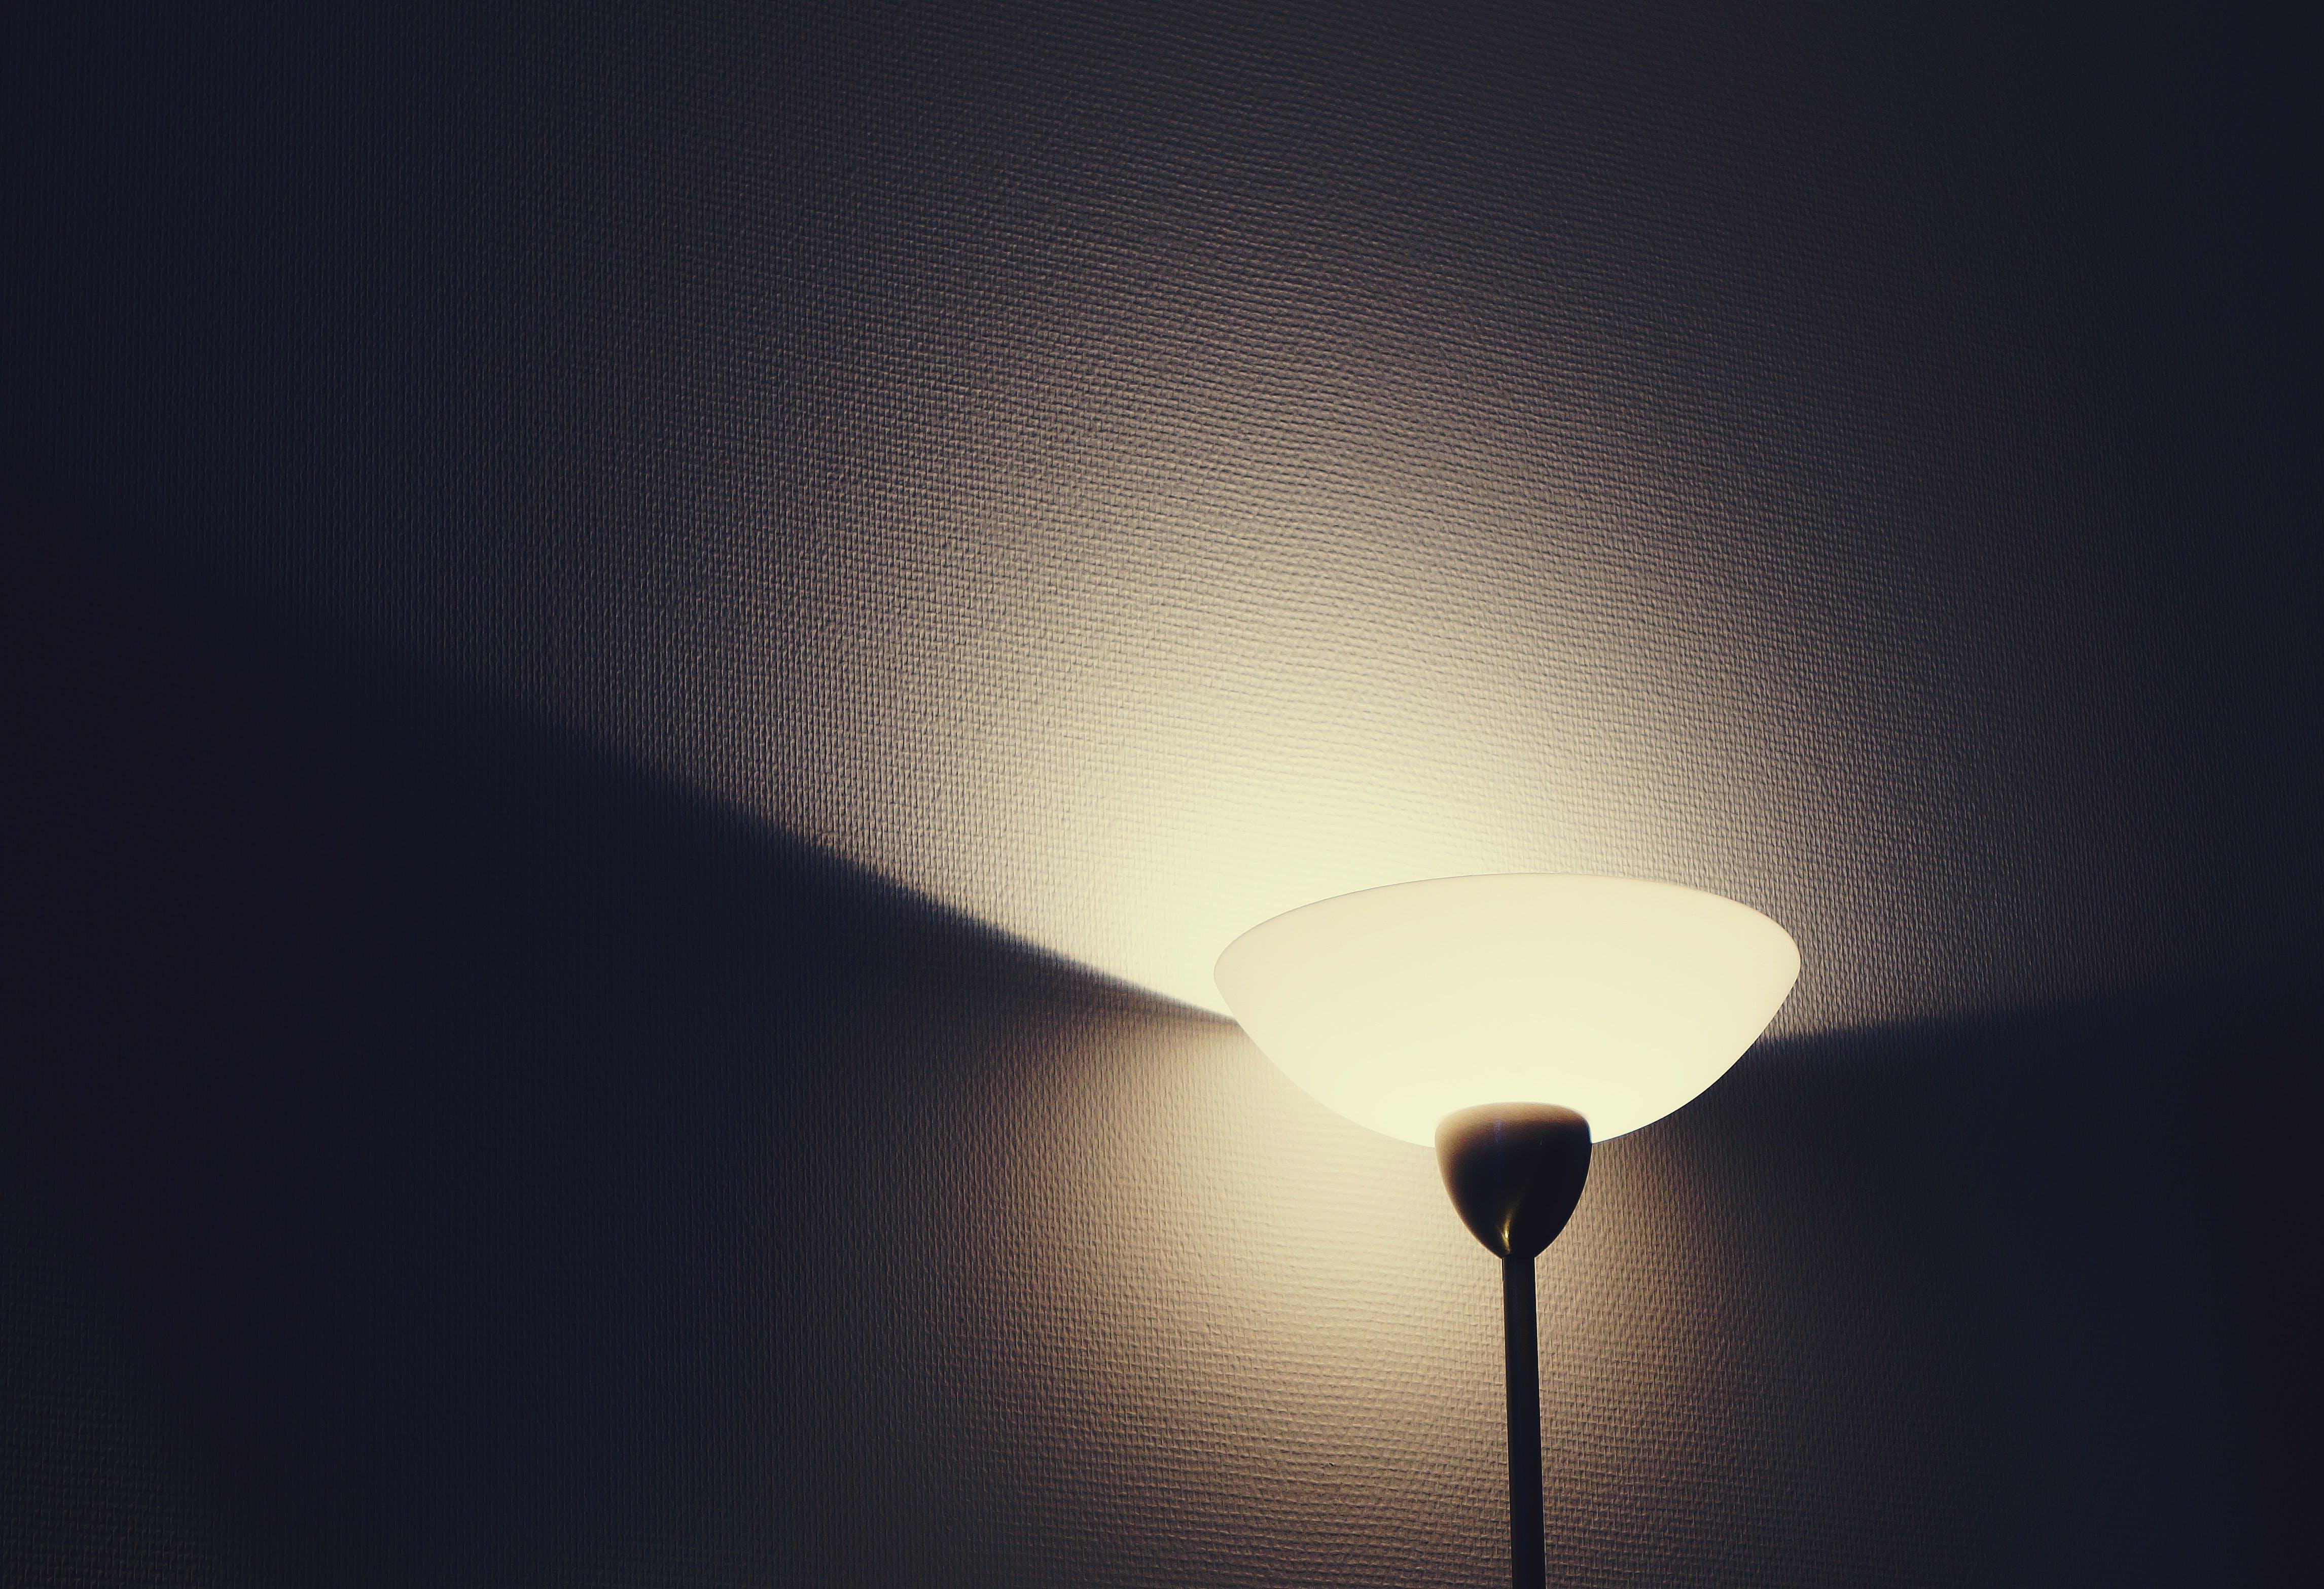 blur, dark, electricity